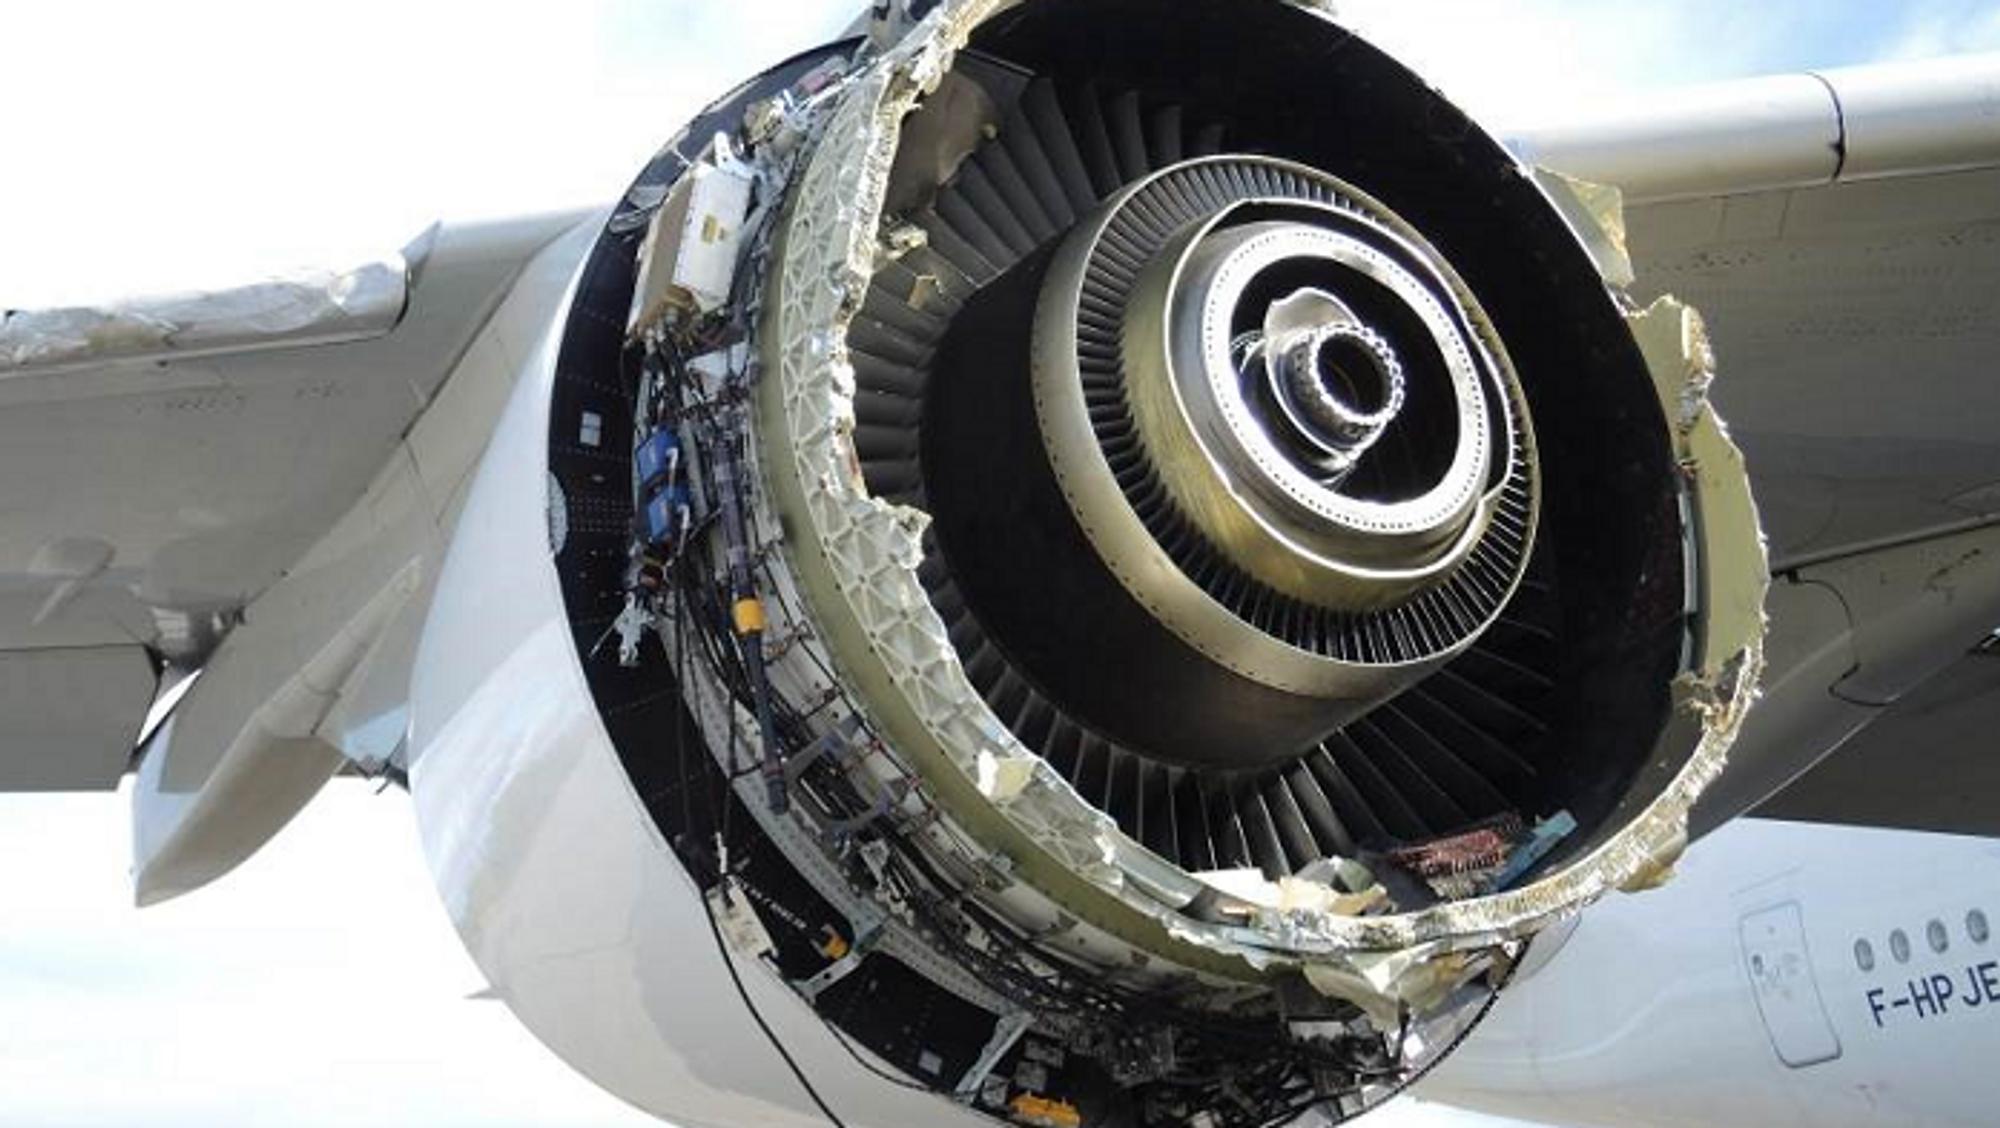 Store deler av fronten på motoren eksploderte i en «uncontained motor failure» over den grønlandske innlandsisen.